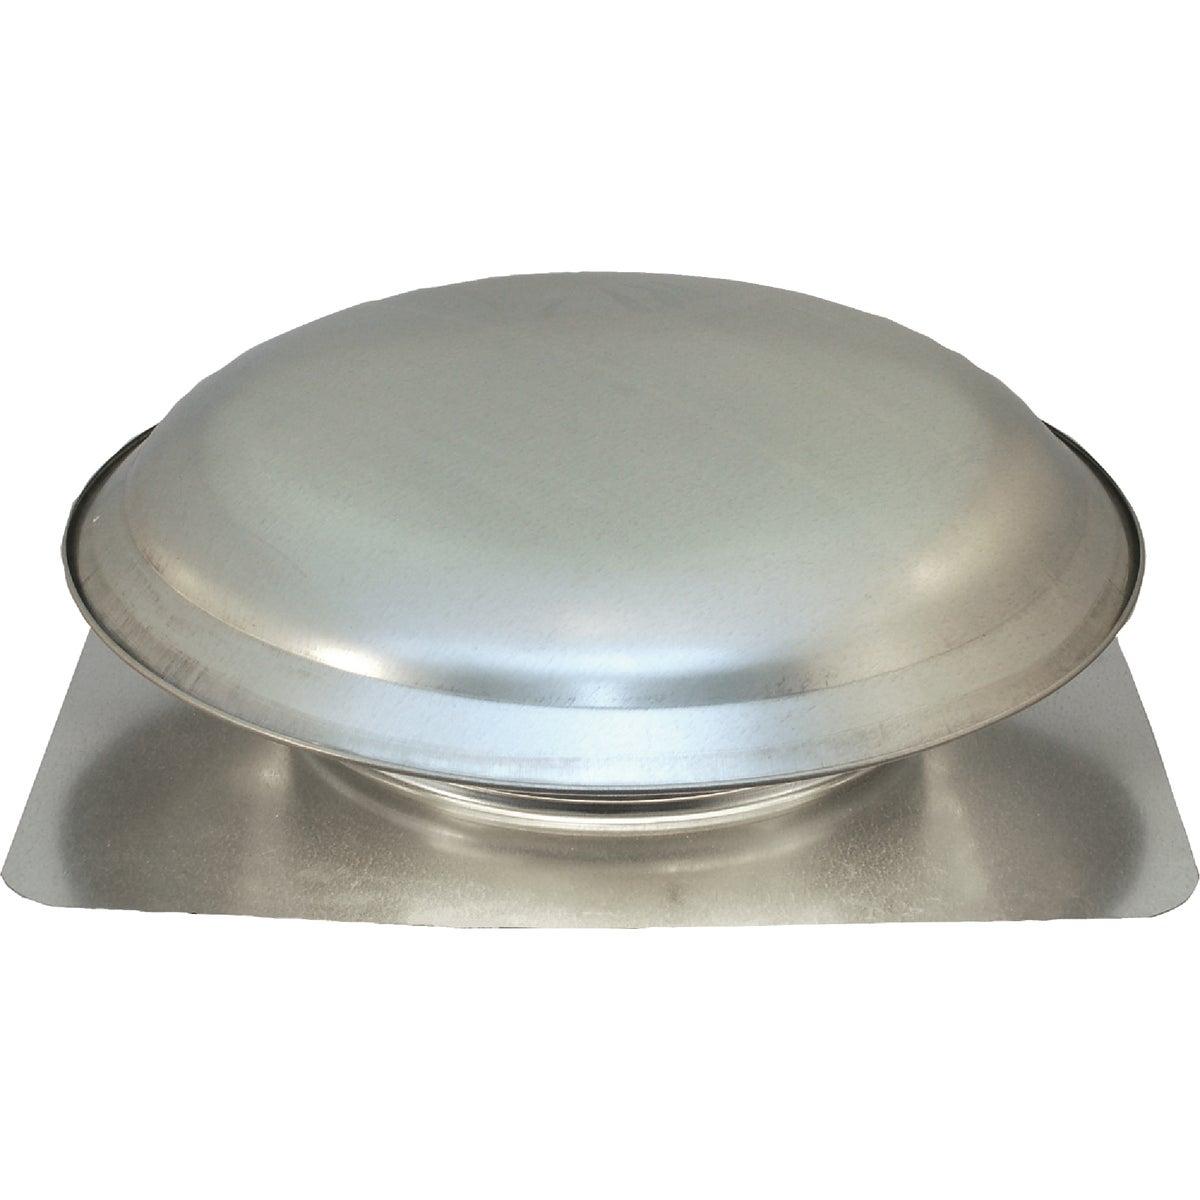 Superior Energy Efficient Galvanized Steel Roof Mount Attic Vent